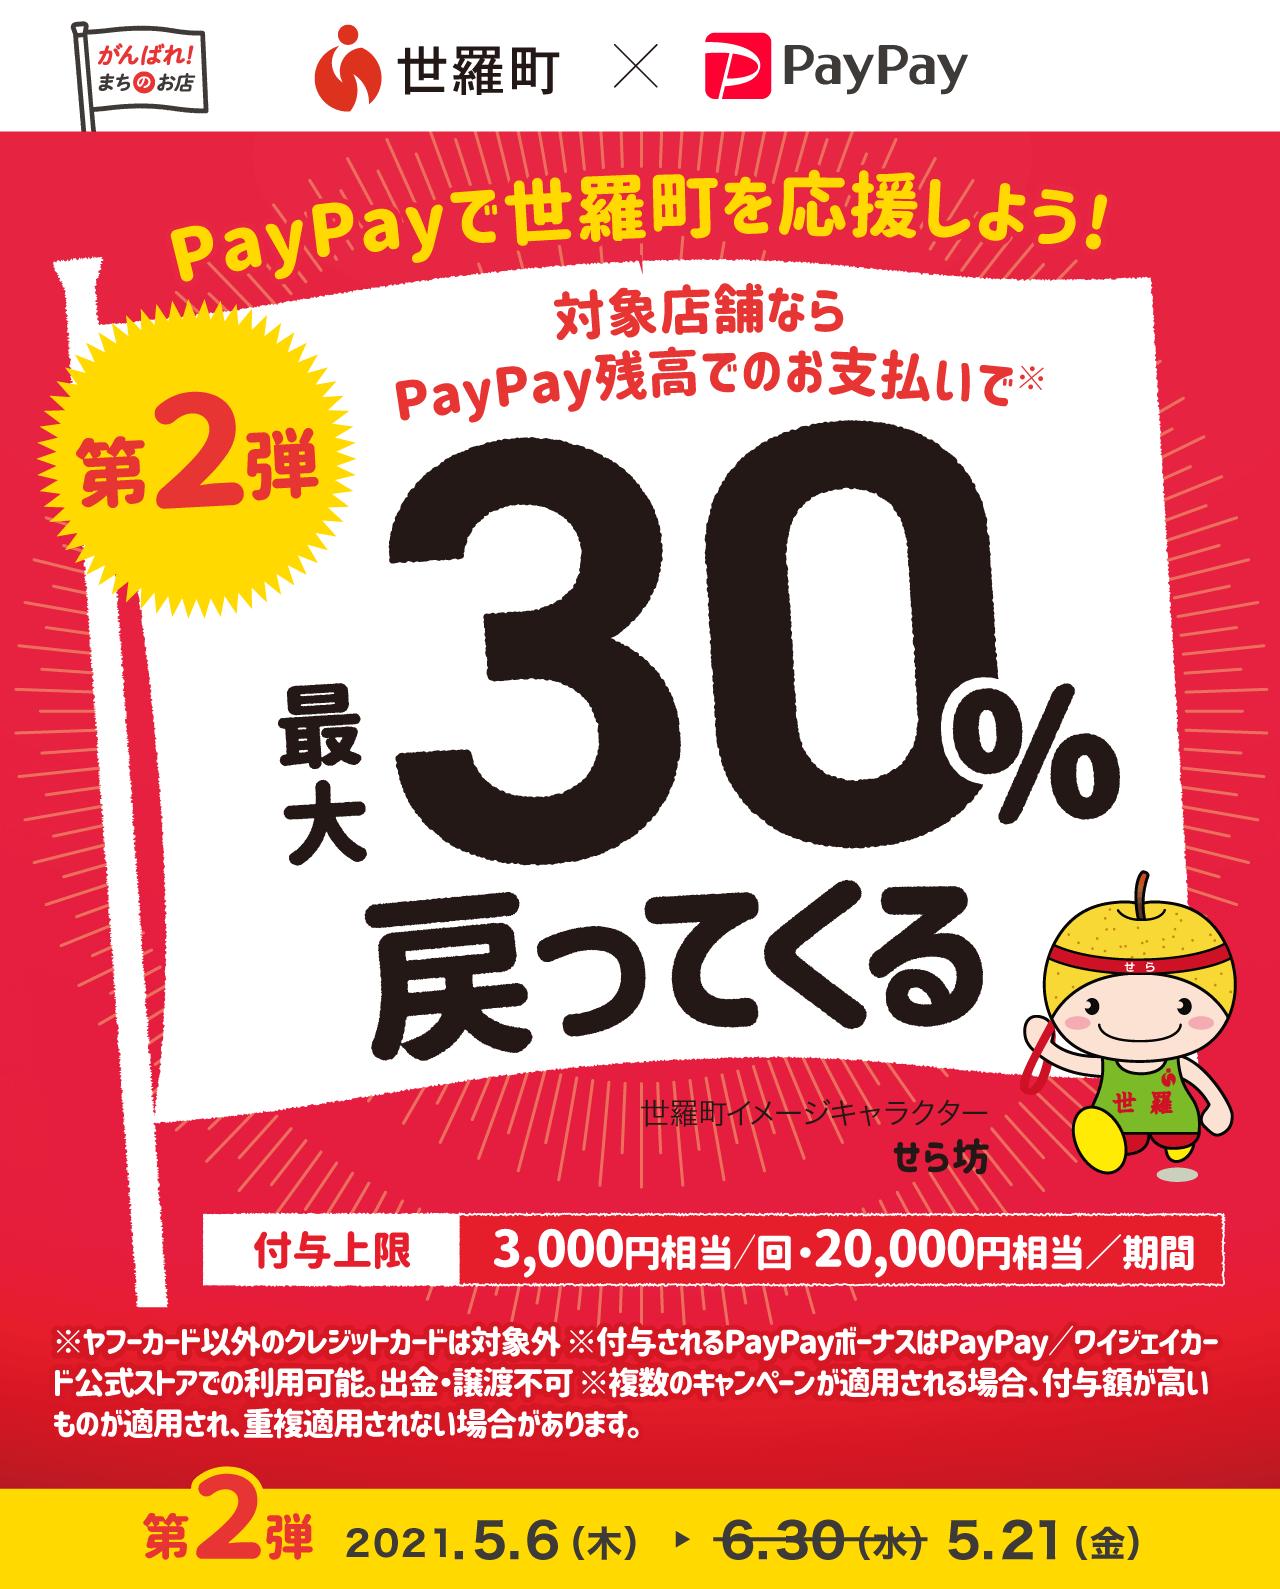 PayPayで世羅町を応援しよう! 第2弾 対象店舗ならPayPay残高でのお支払いで最大30%戻ってくる